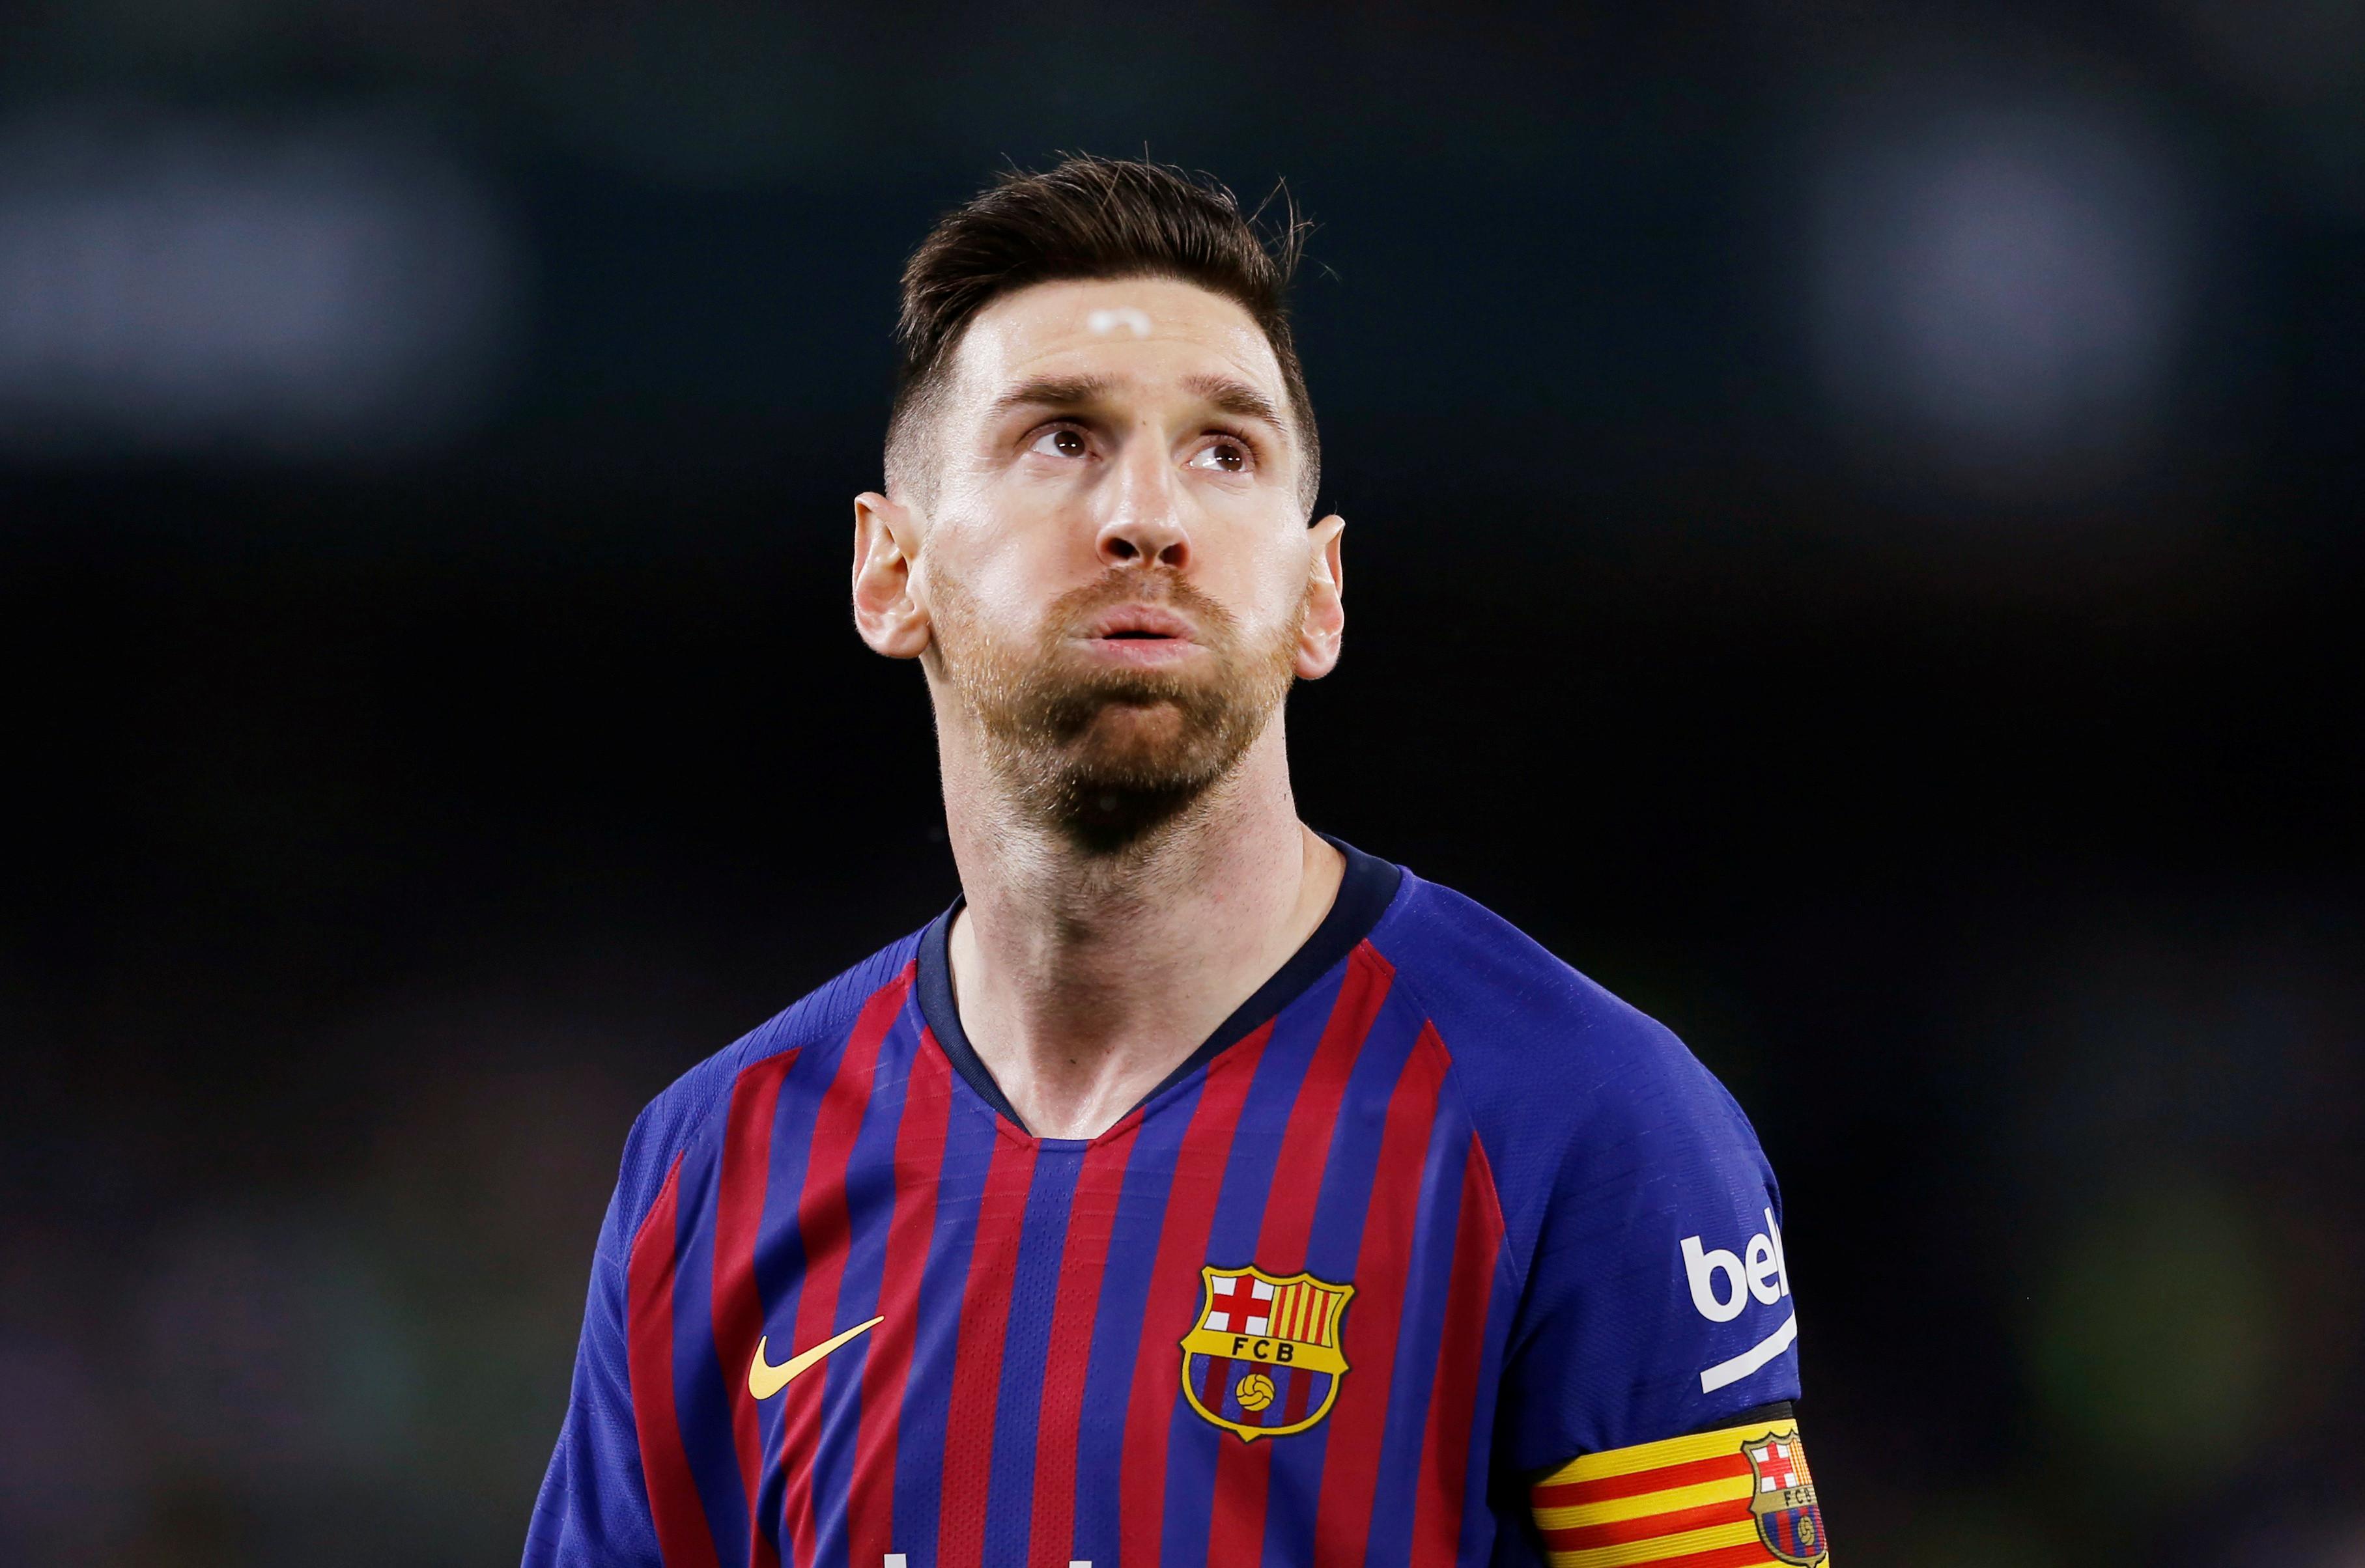 """""""Sempre tive Pelé e Di Stéfano como referências, mas Messi é melhor"""""""